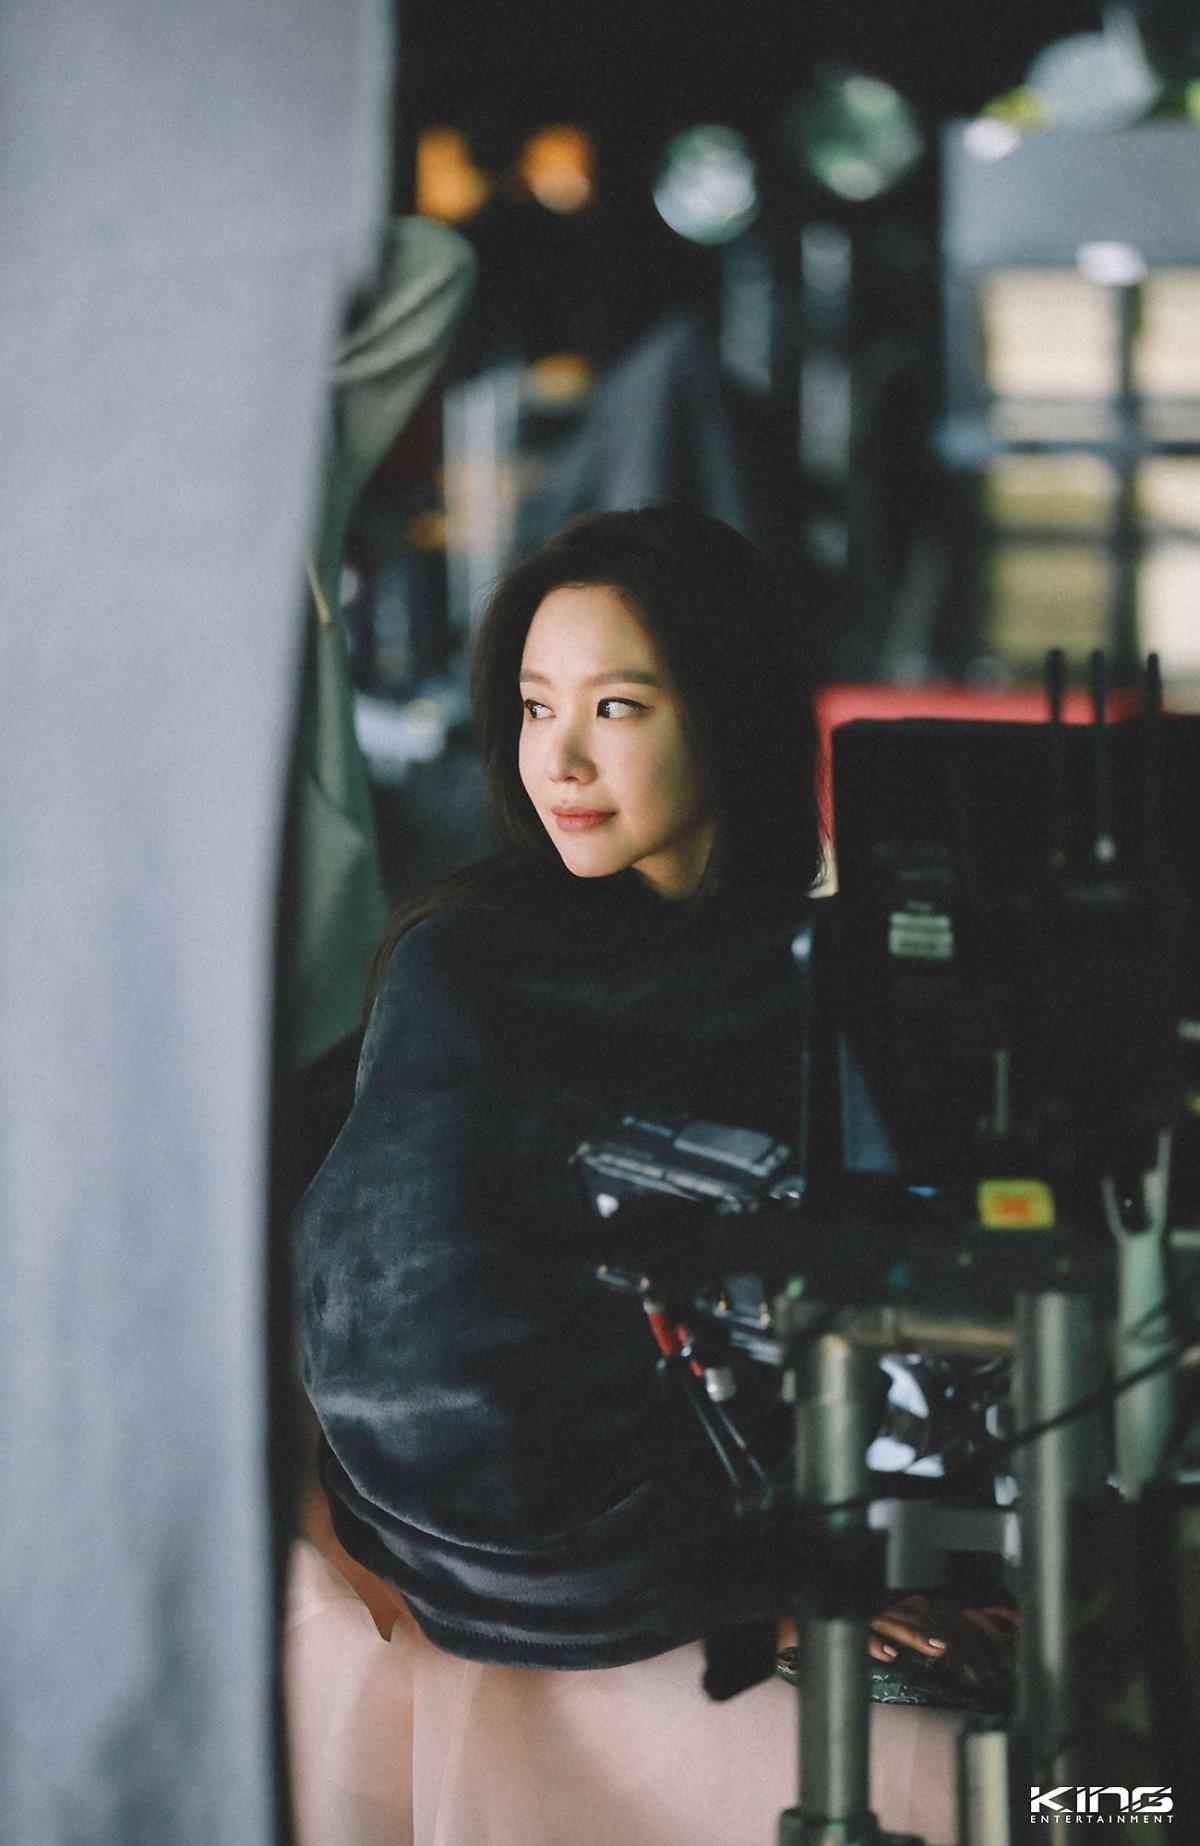 Chùm ảnh hậu trường gây sốt của mỹ nhân Sắc đẹp ngàn cân: U40 vẫn trẻ đẹp khó tin, chẳng thua gì Park Min Young - Ảnh 12.